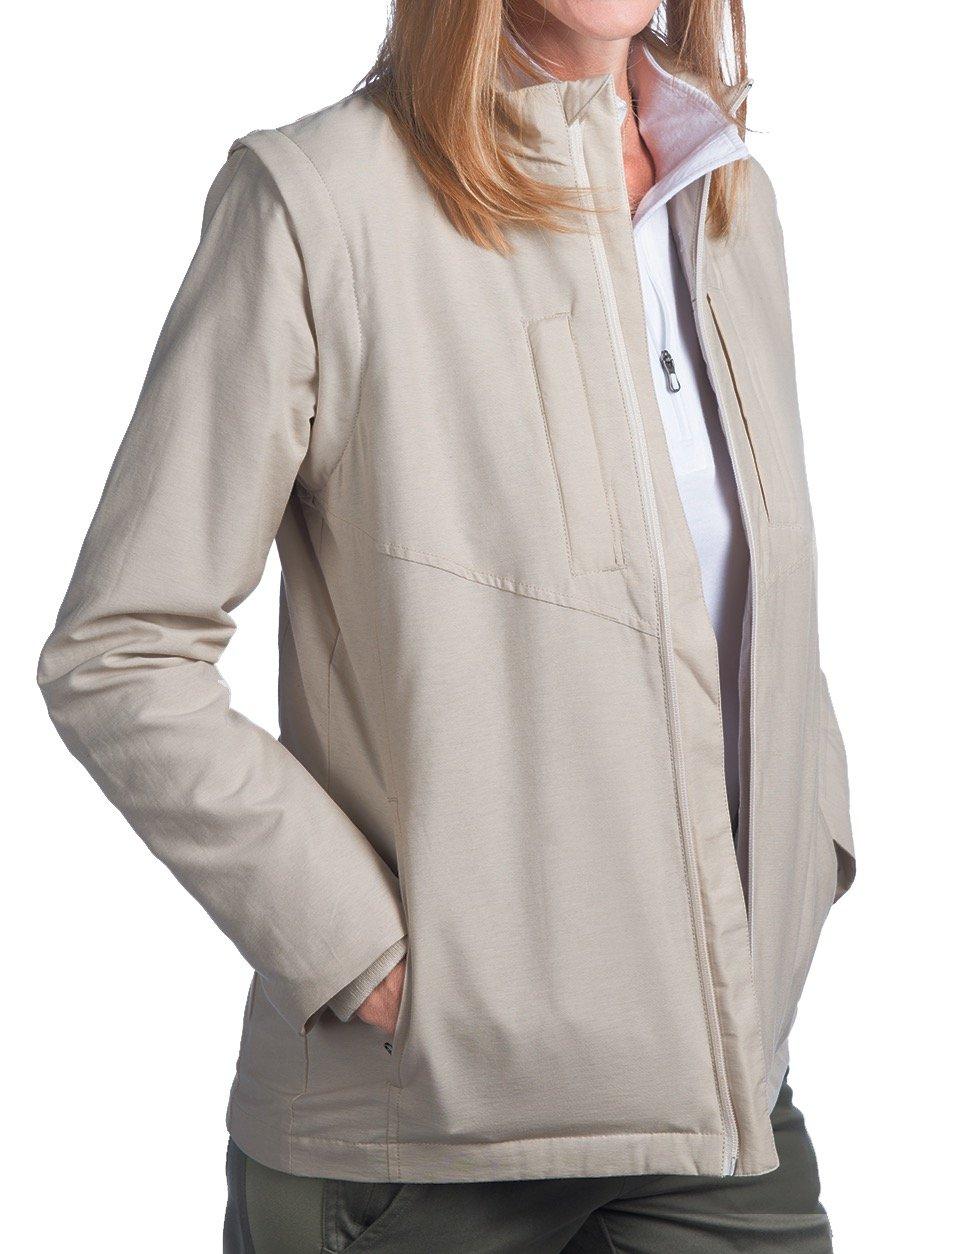 SCOTTeVEST Women's Standard Jacket - 25 Pockets - Travel Clothing, Pickpocket Proof BGE L